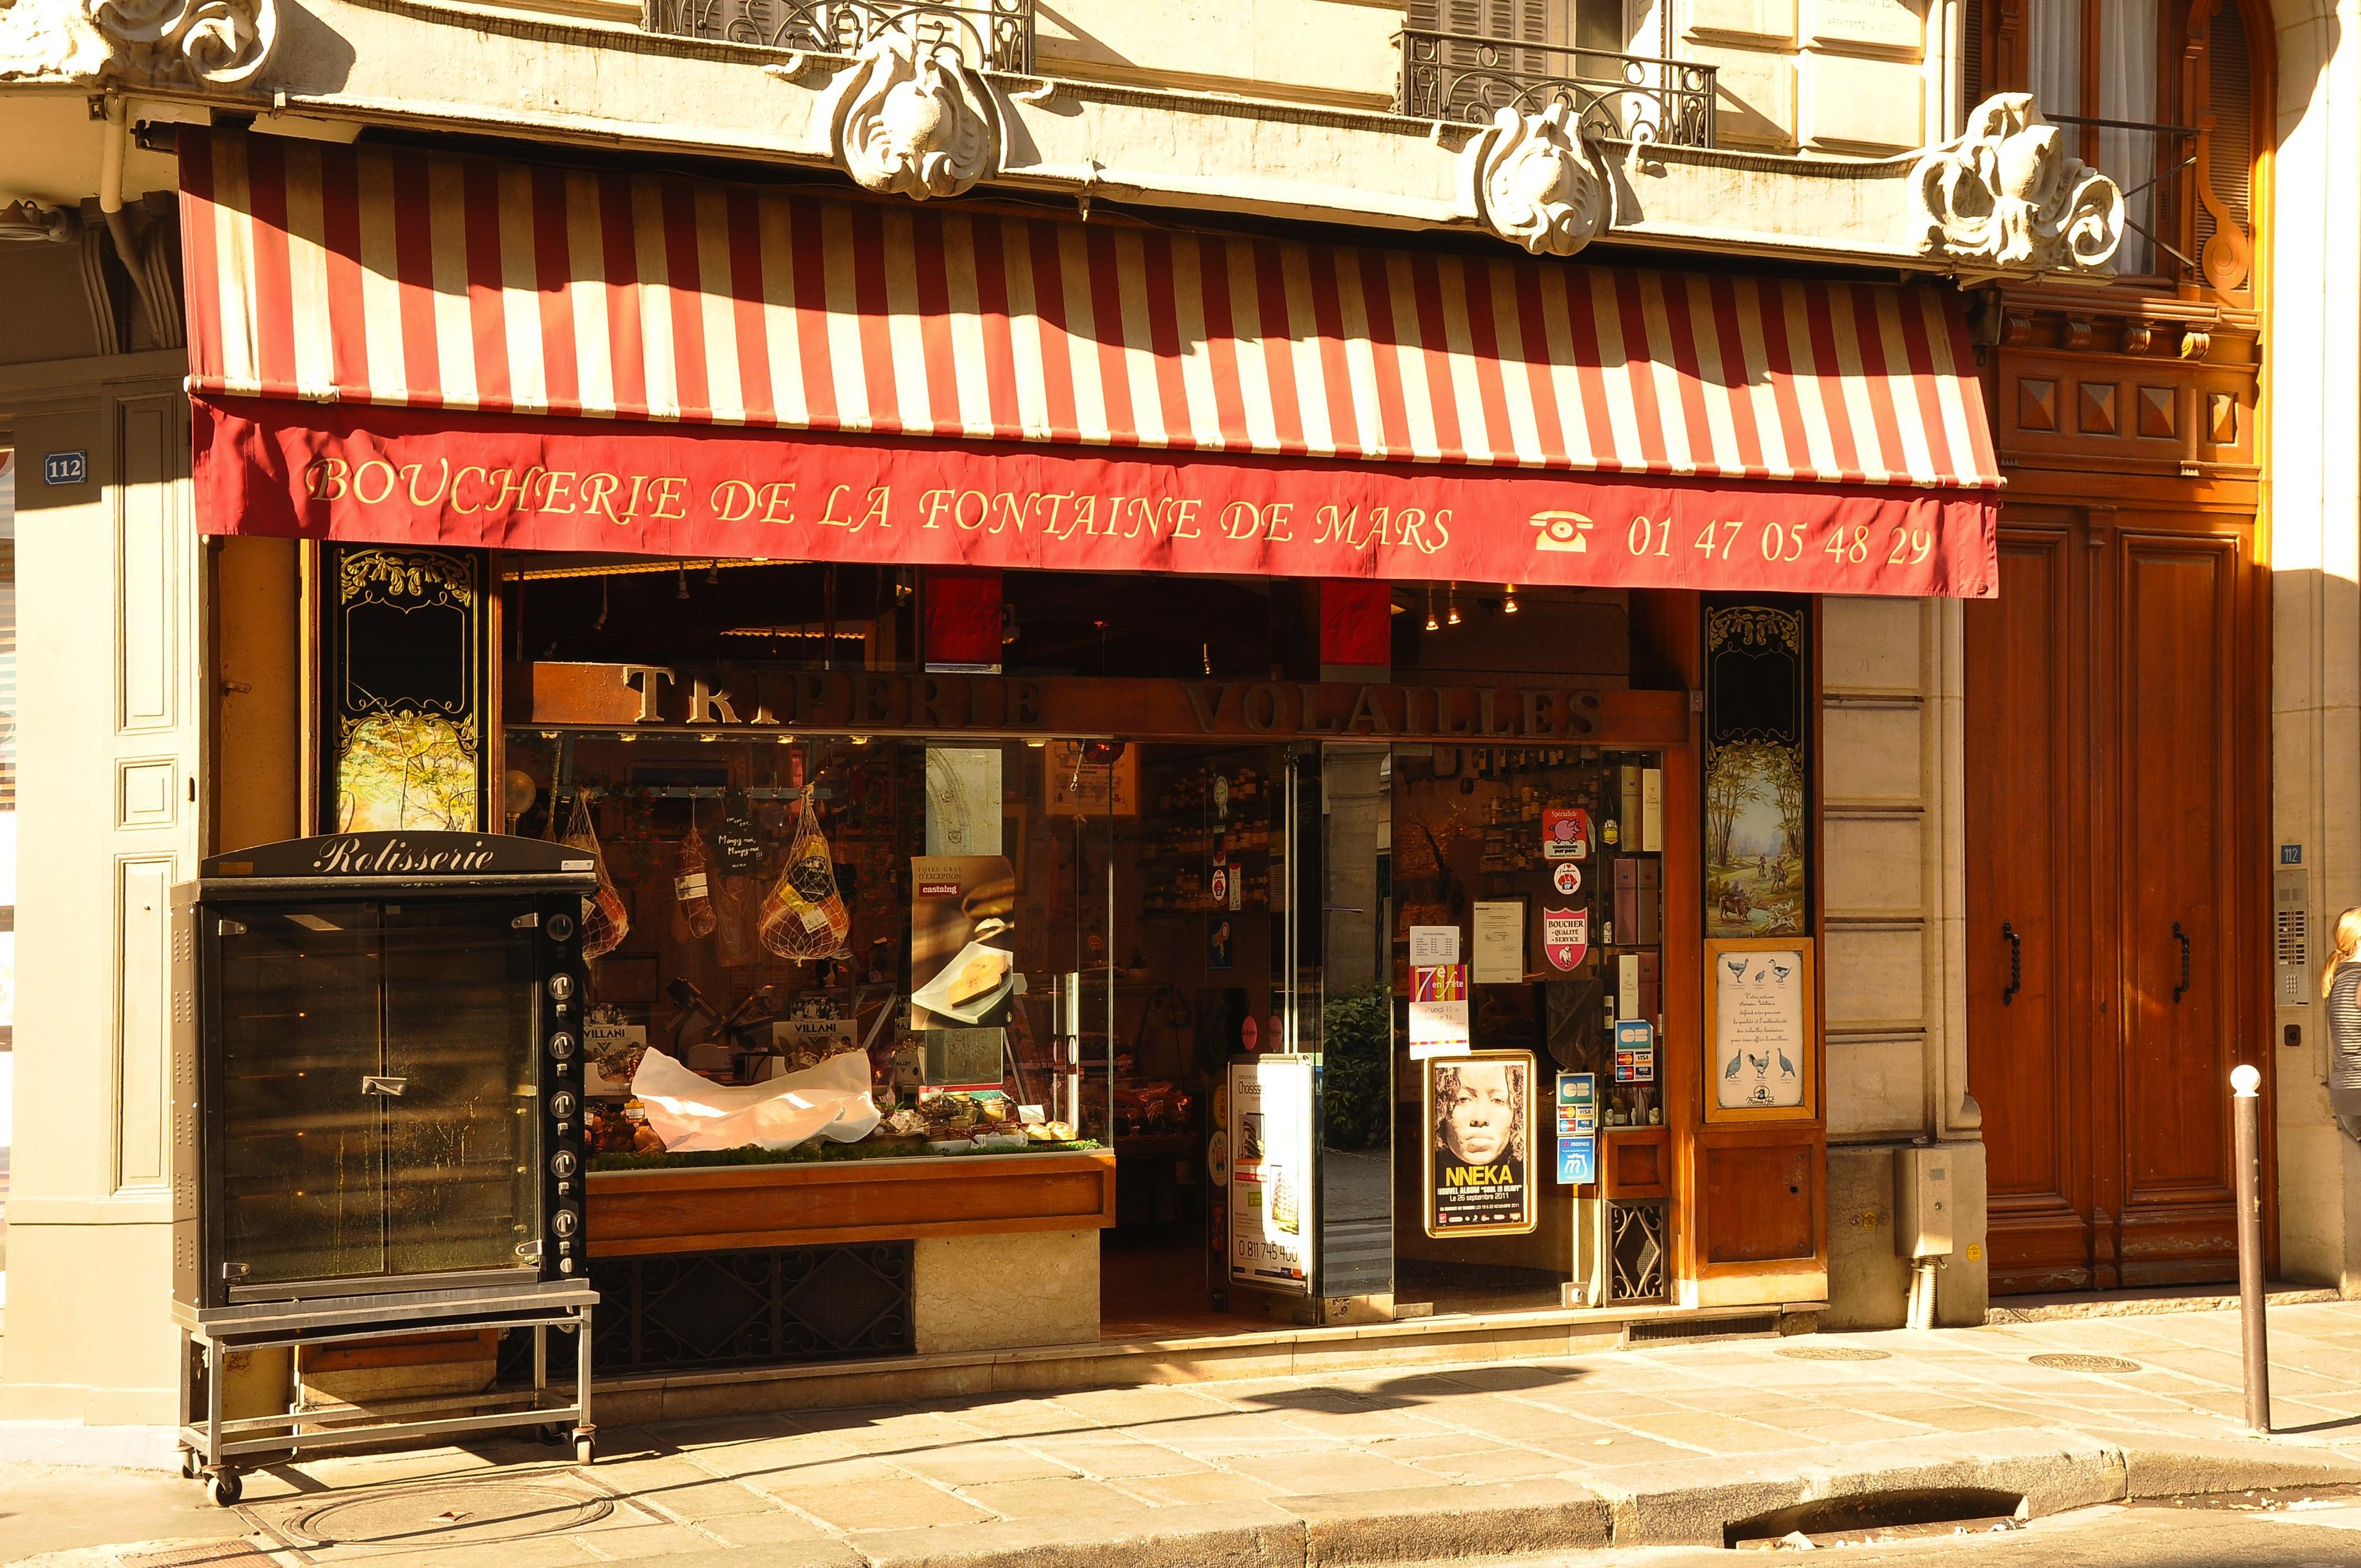 file boucherie de la fontaine de mars 112 rue saint dominique paris wikimedia commons. Black Bedroom Furniture Sets. Home Design Ideas